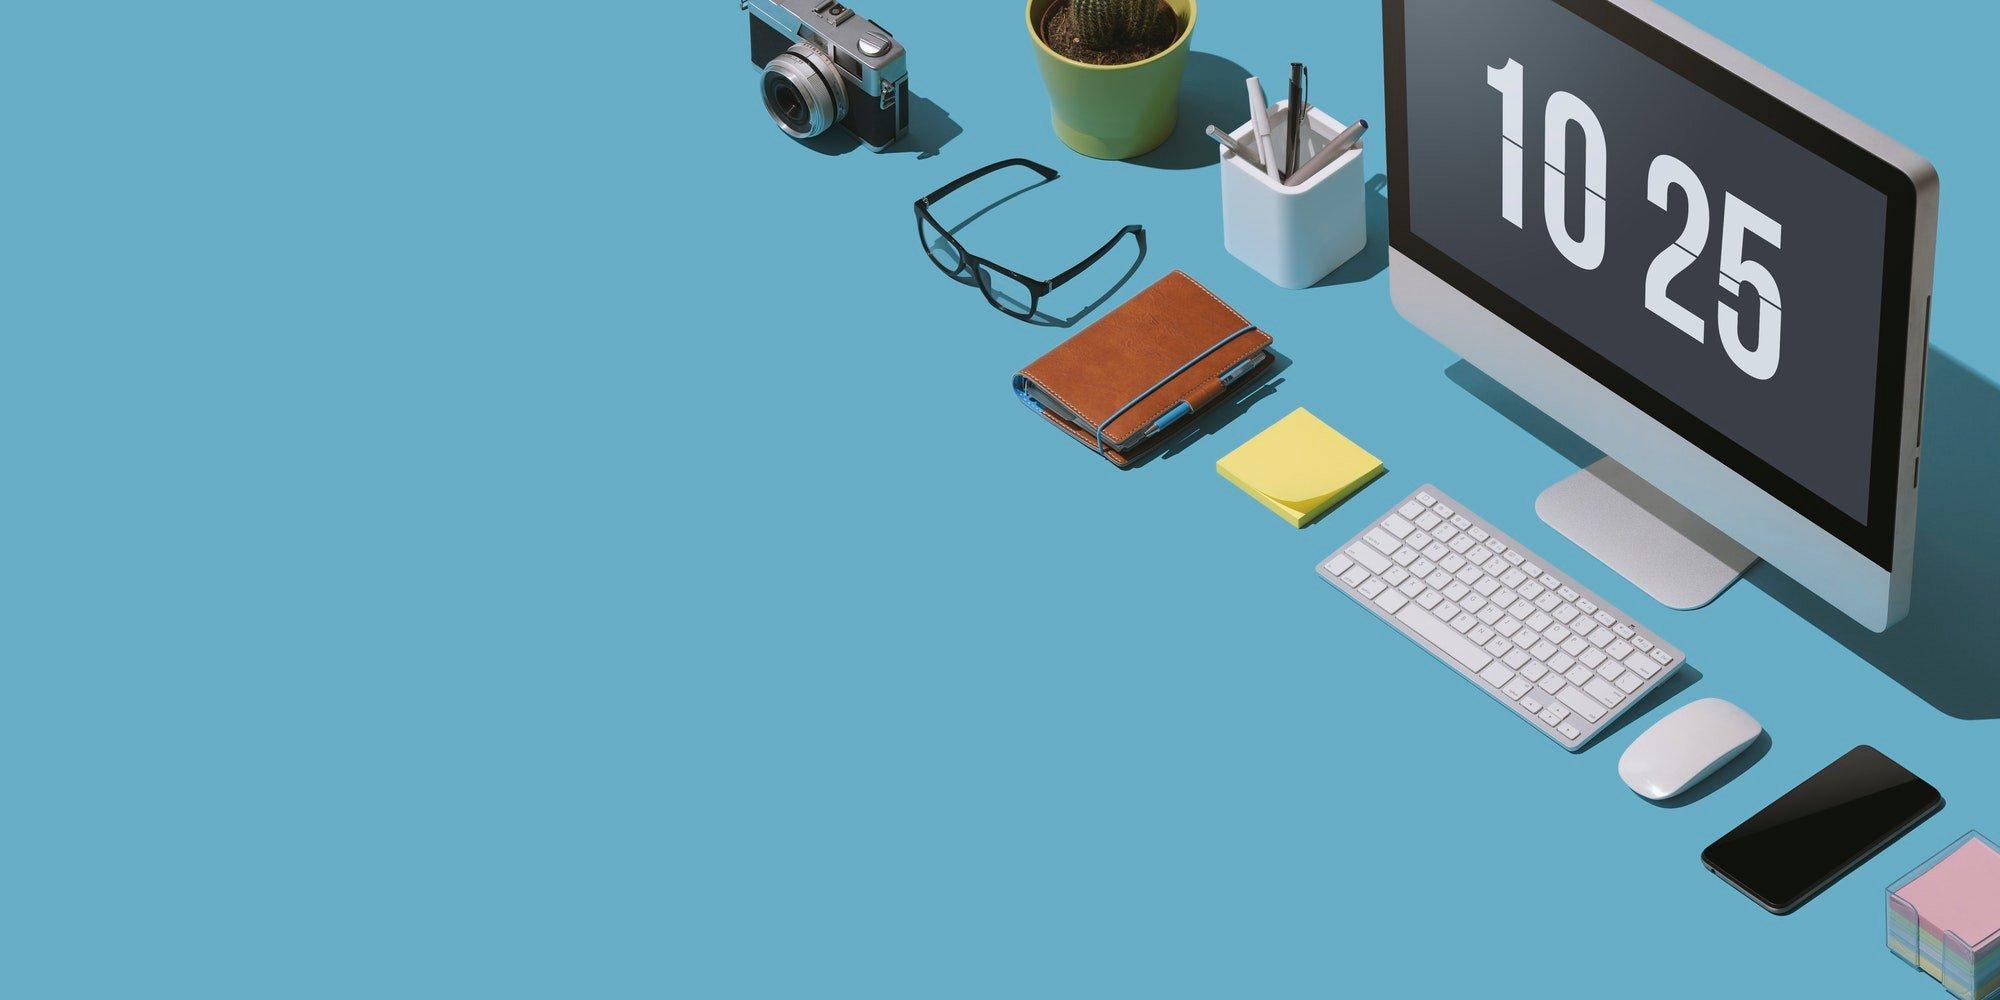 Contemporary business desktop